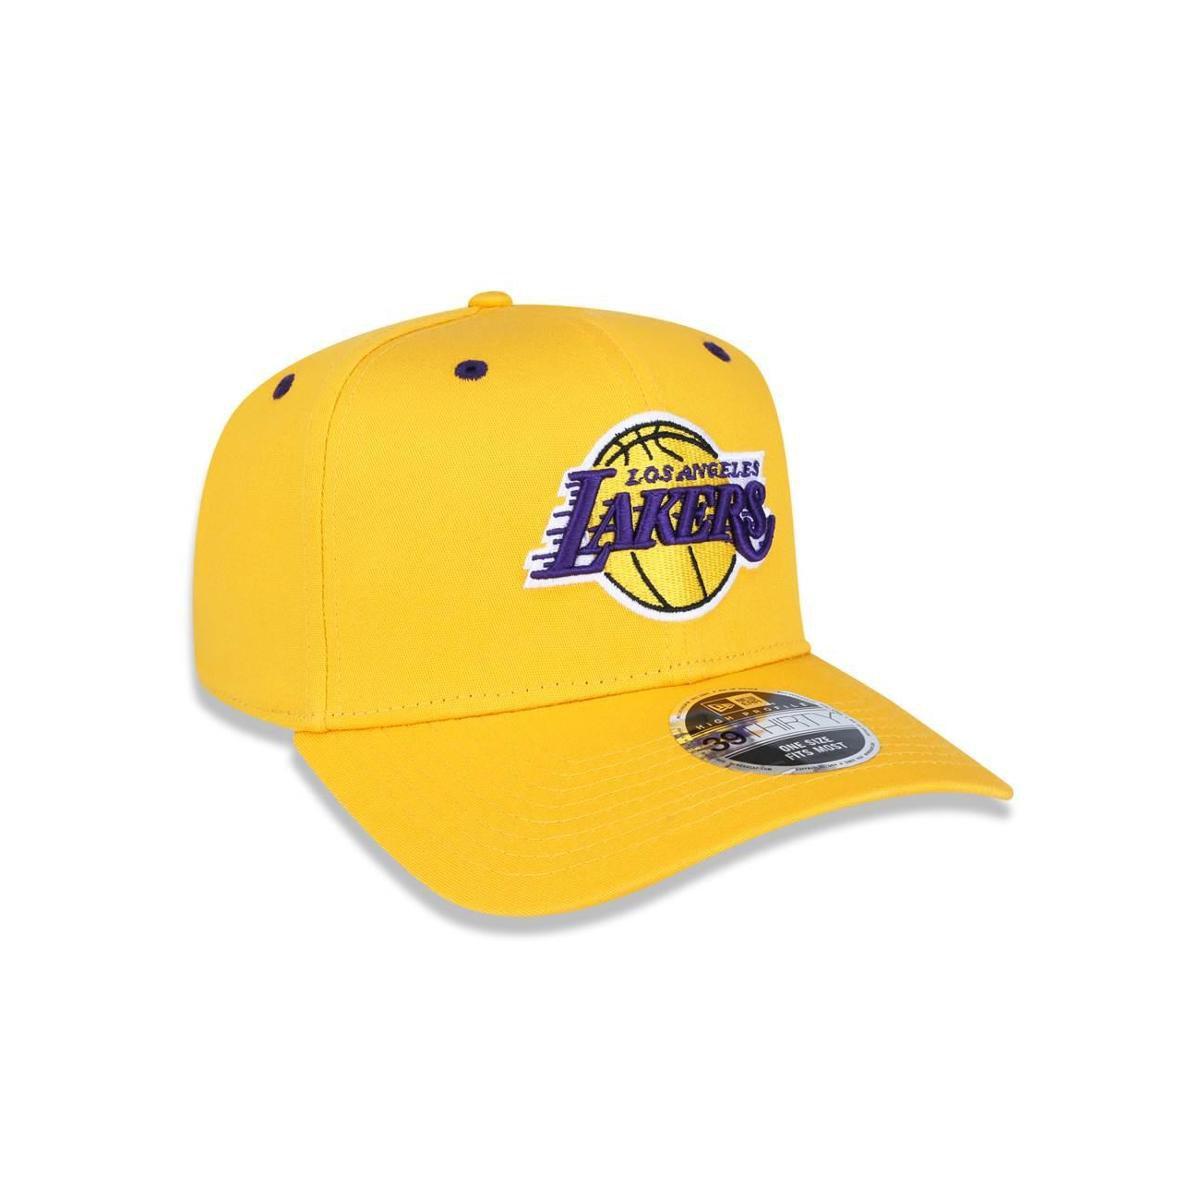 Boné 3930 Los Angeles Lakers NBA Aba Curva New Era - Compre Agora ... 25cc4d2da1d